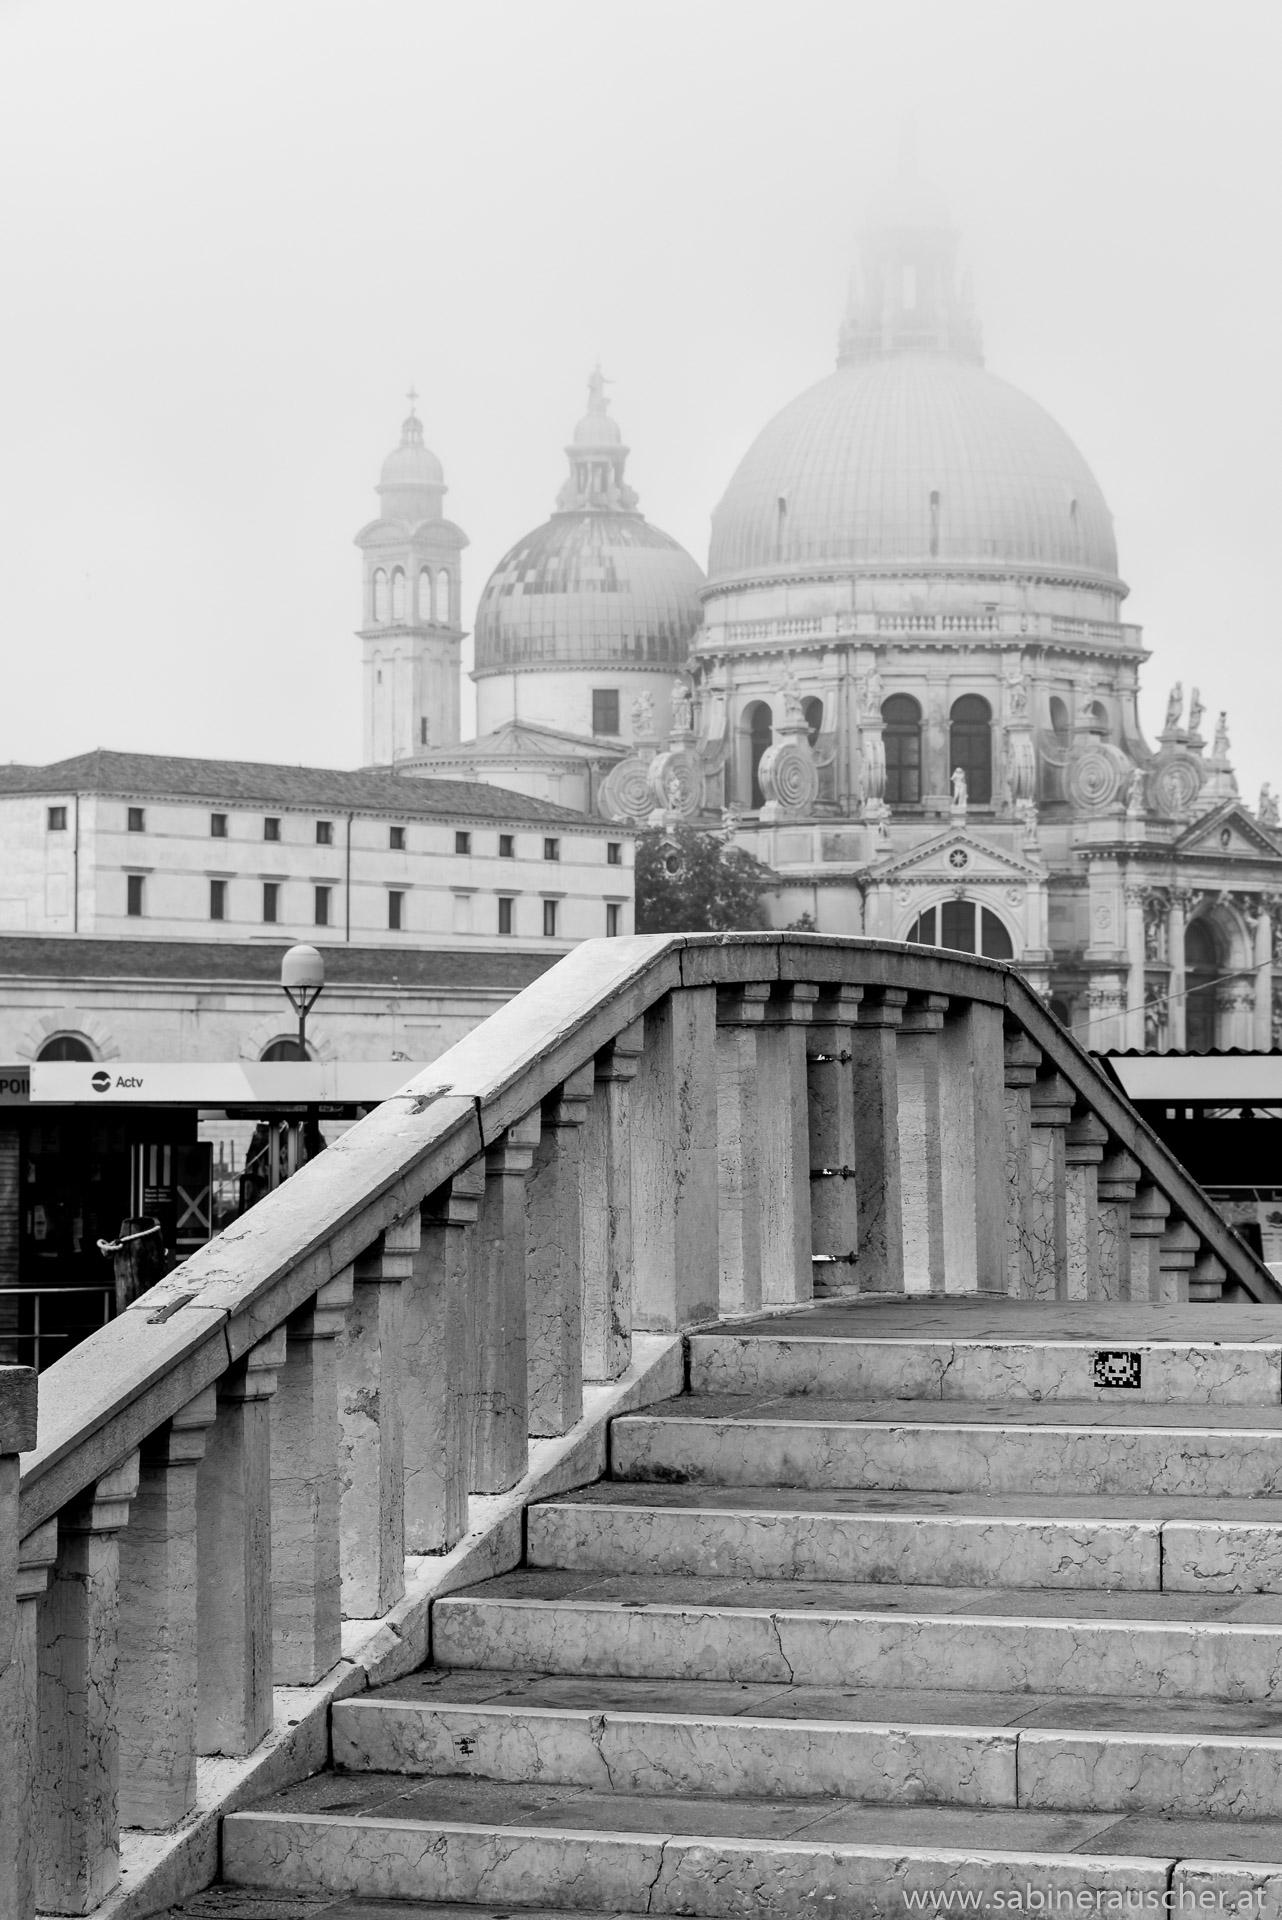 Venice - Santa Maria della Salute on a misty morning | Venedig - Santa Maria della Salute im Nebel